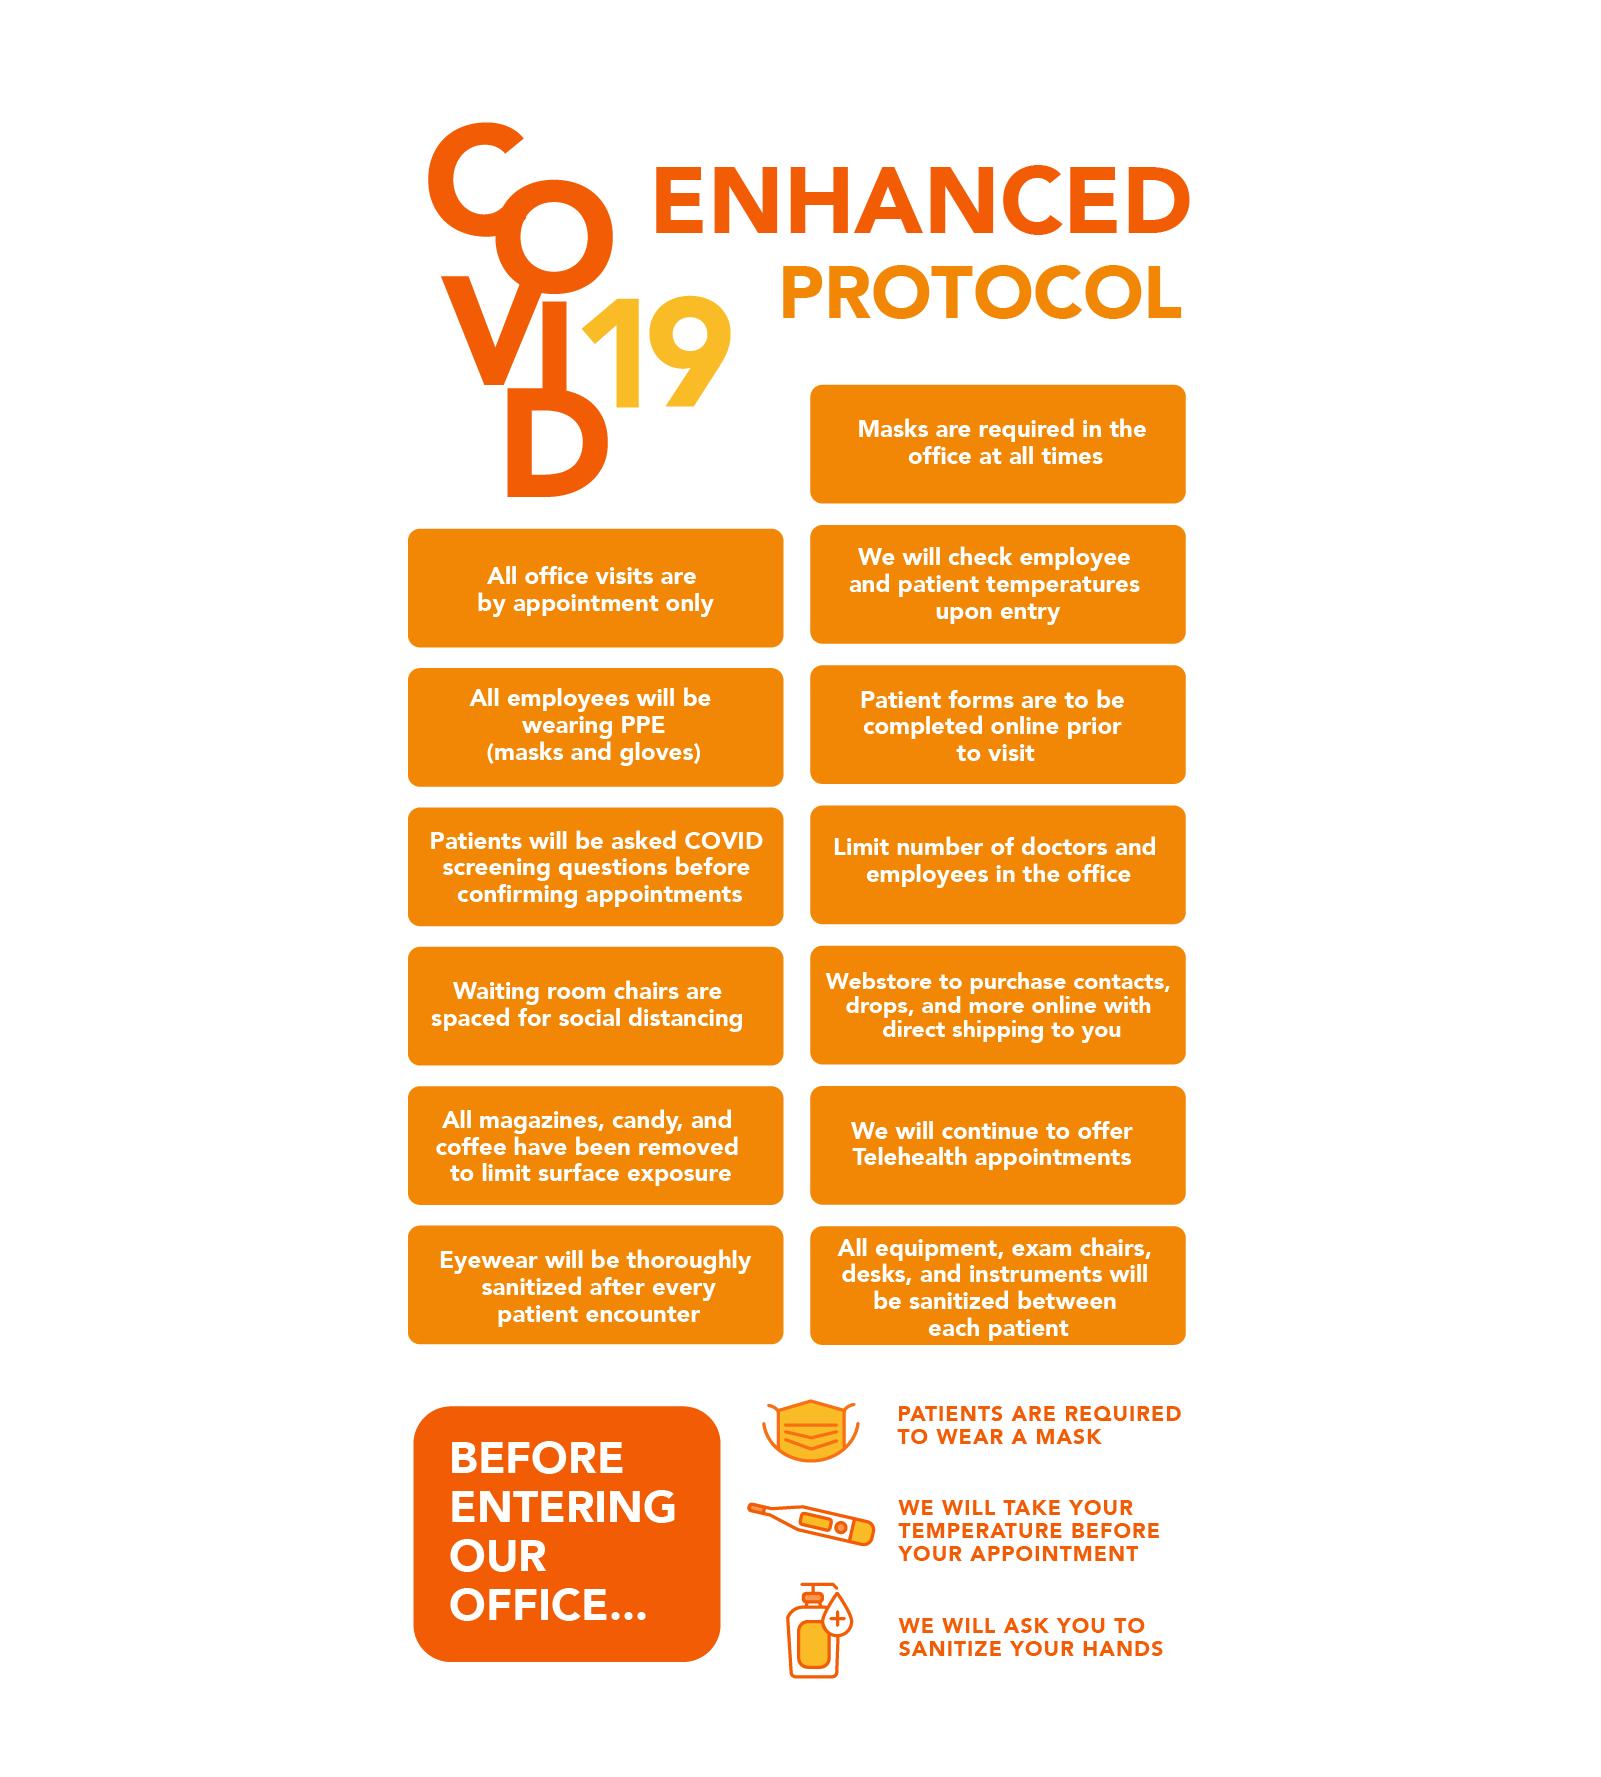 Enhanced COVID-19 Protocol